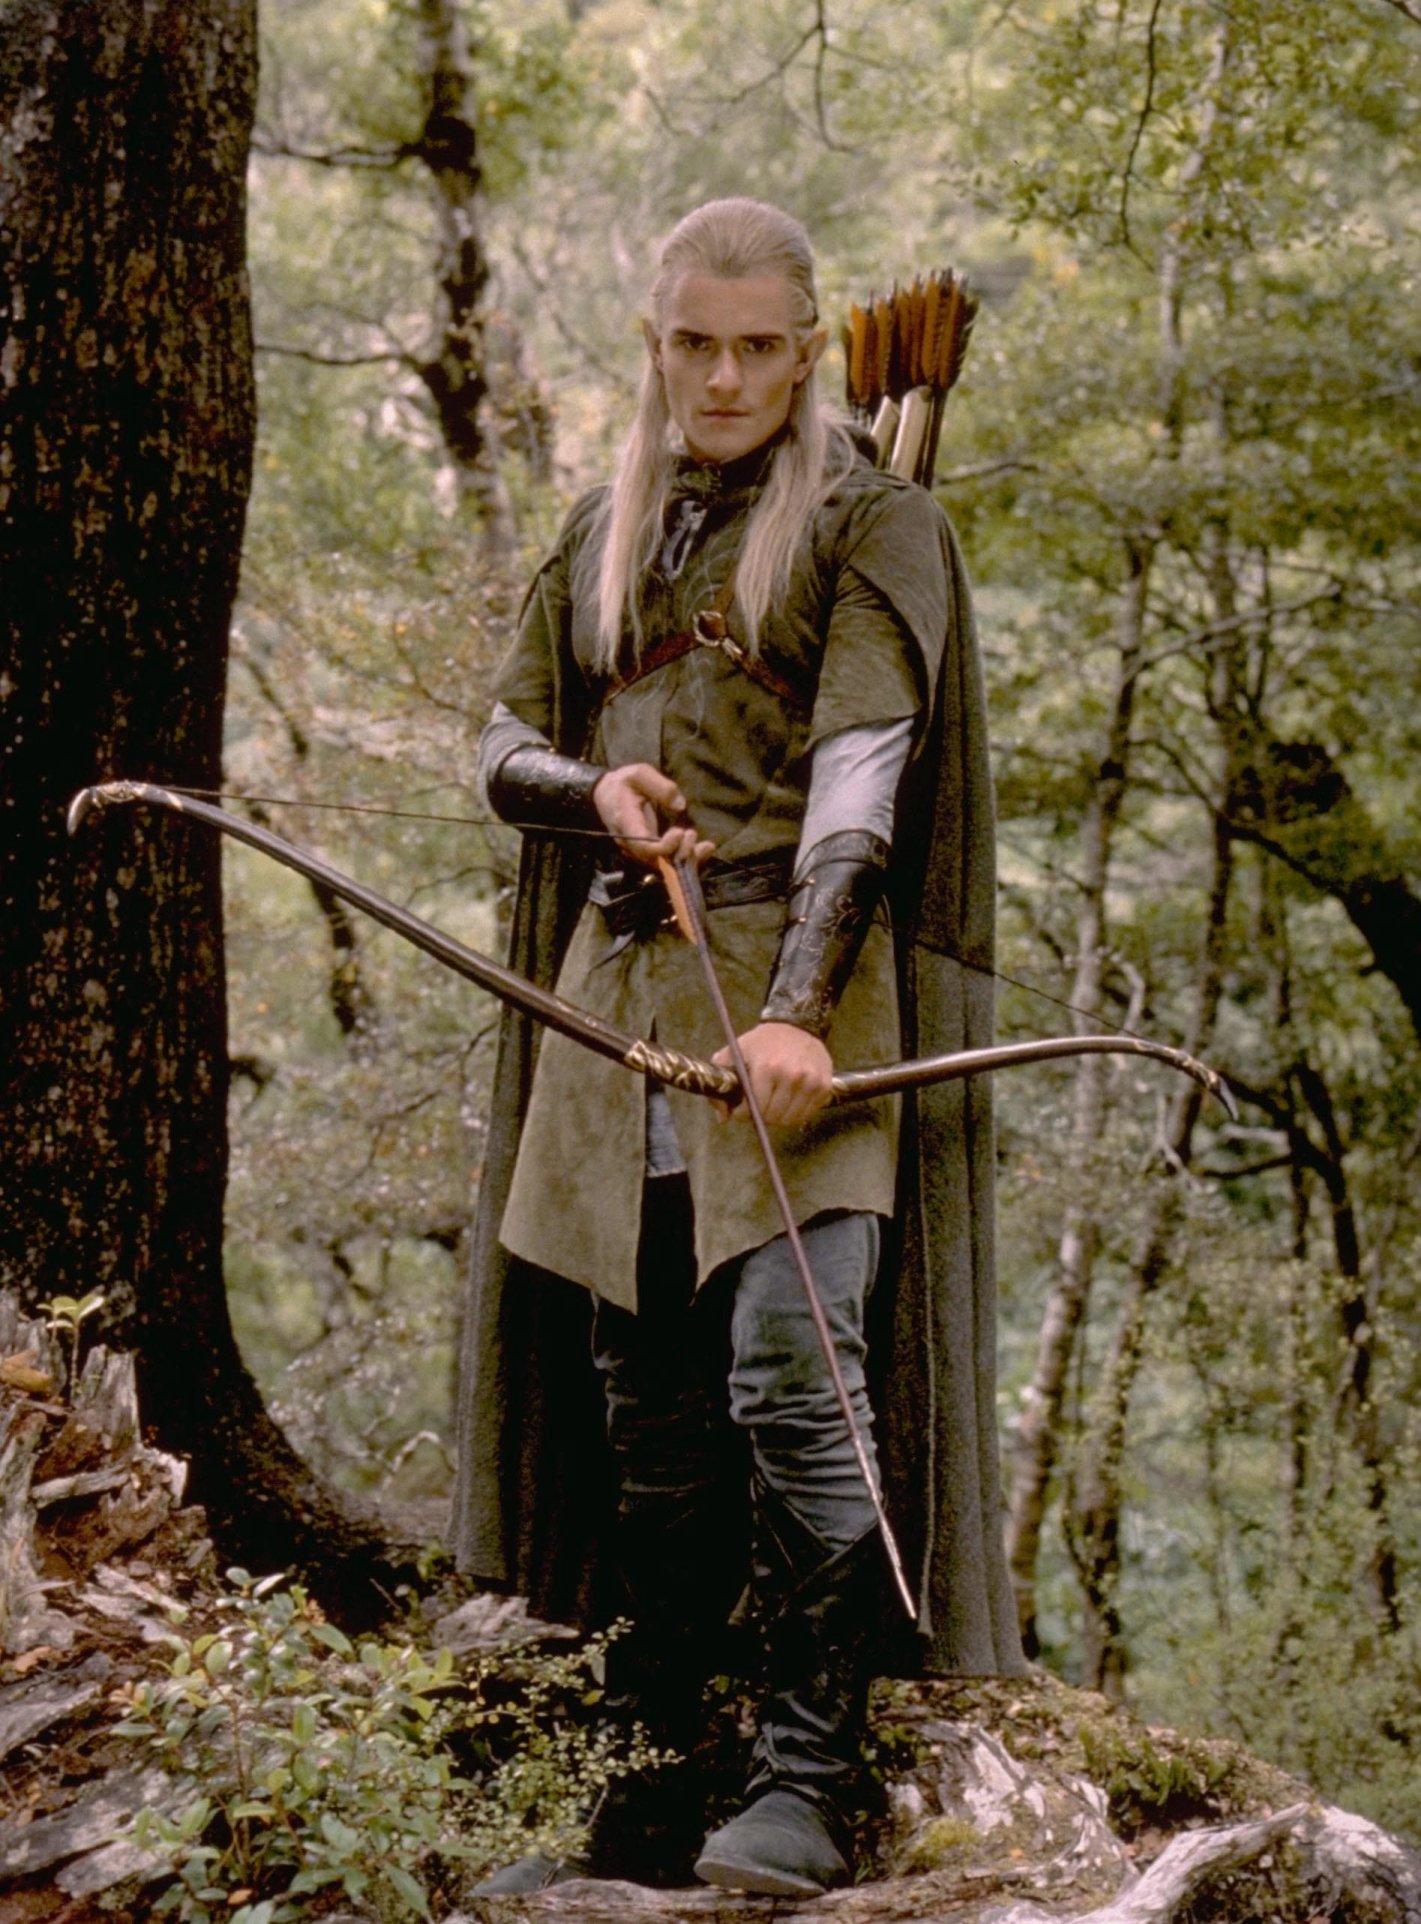 Legolas - Legolas Greenleaf Photo - 459.1KB